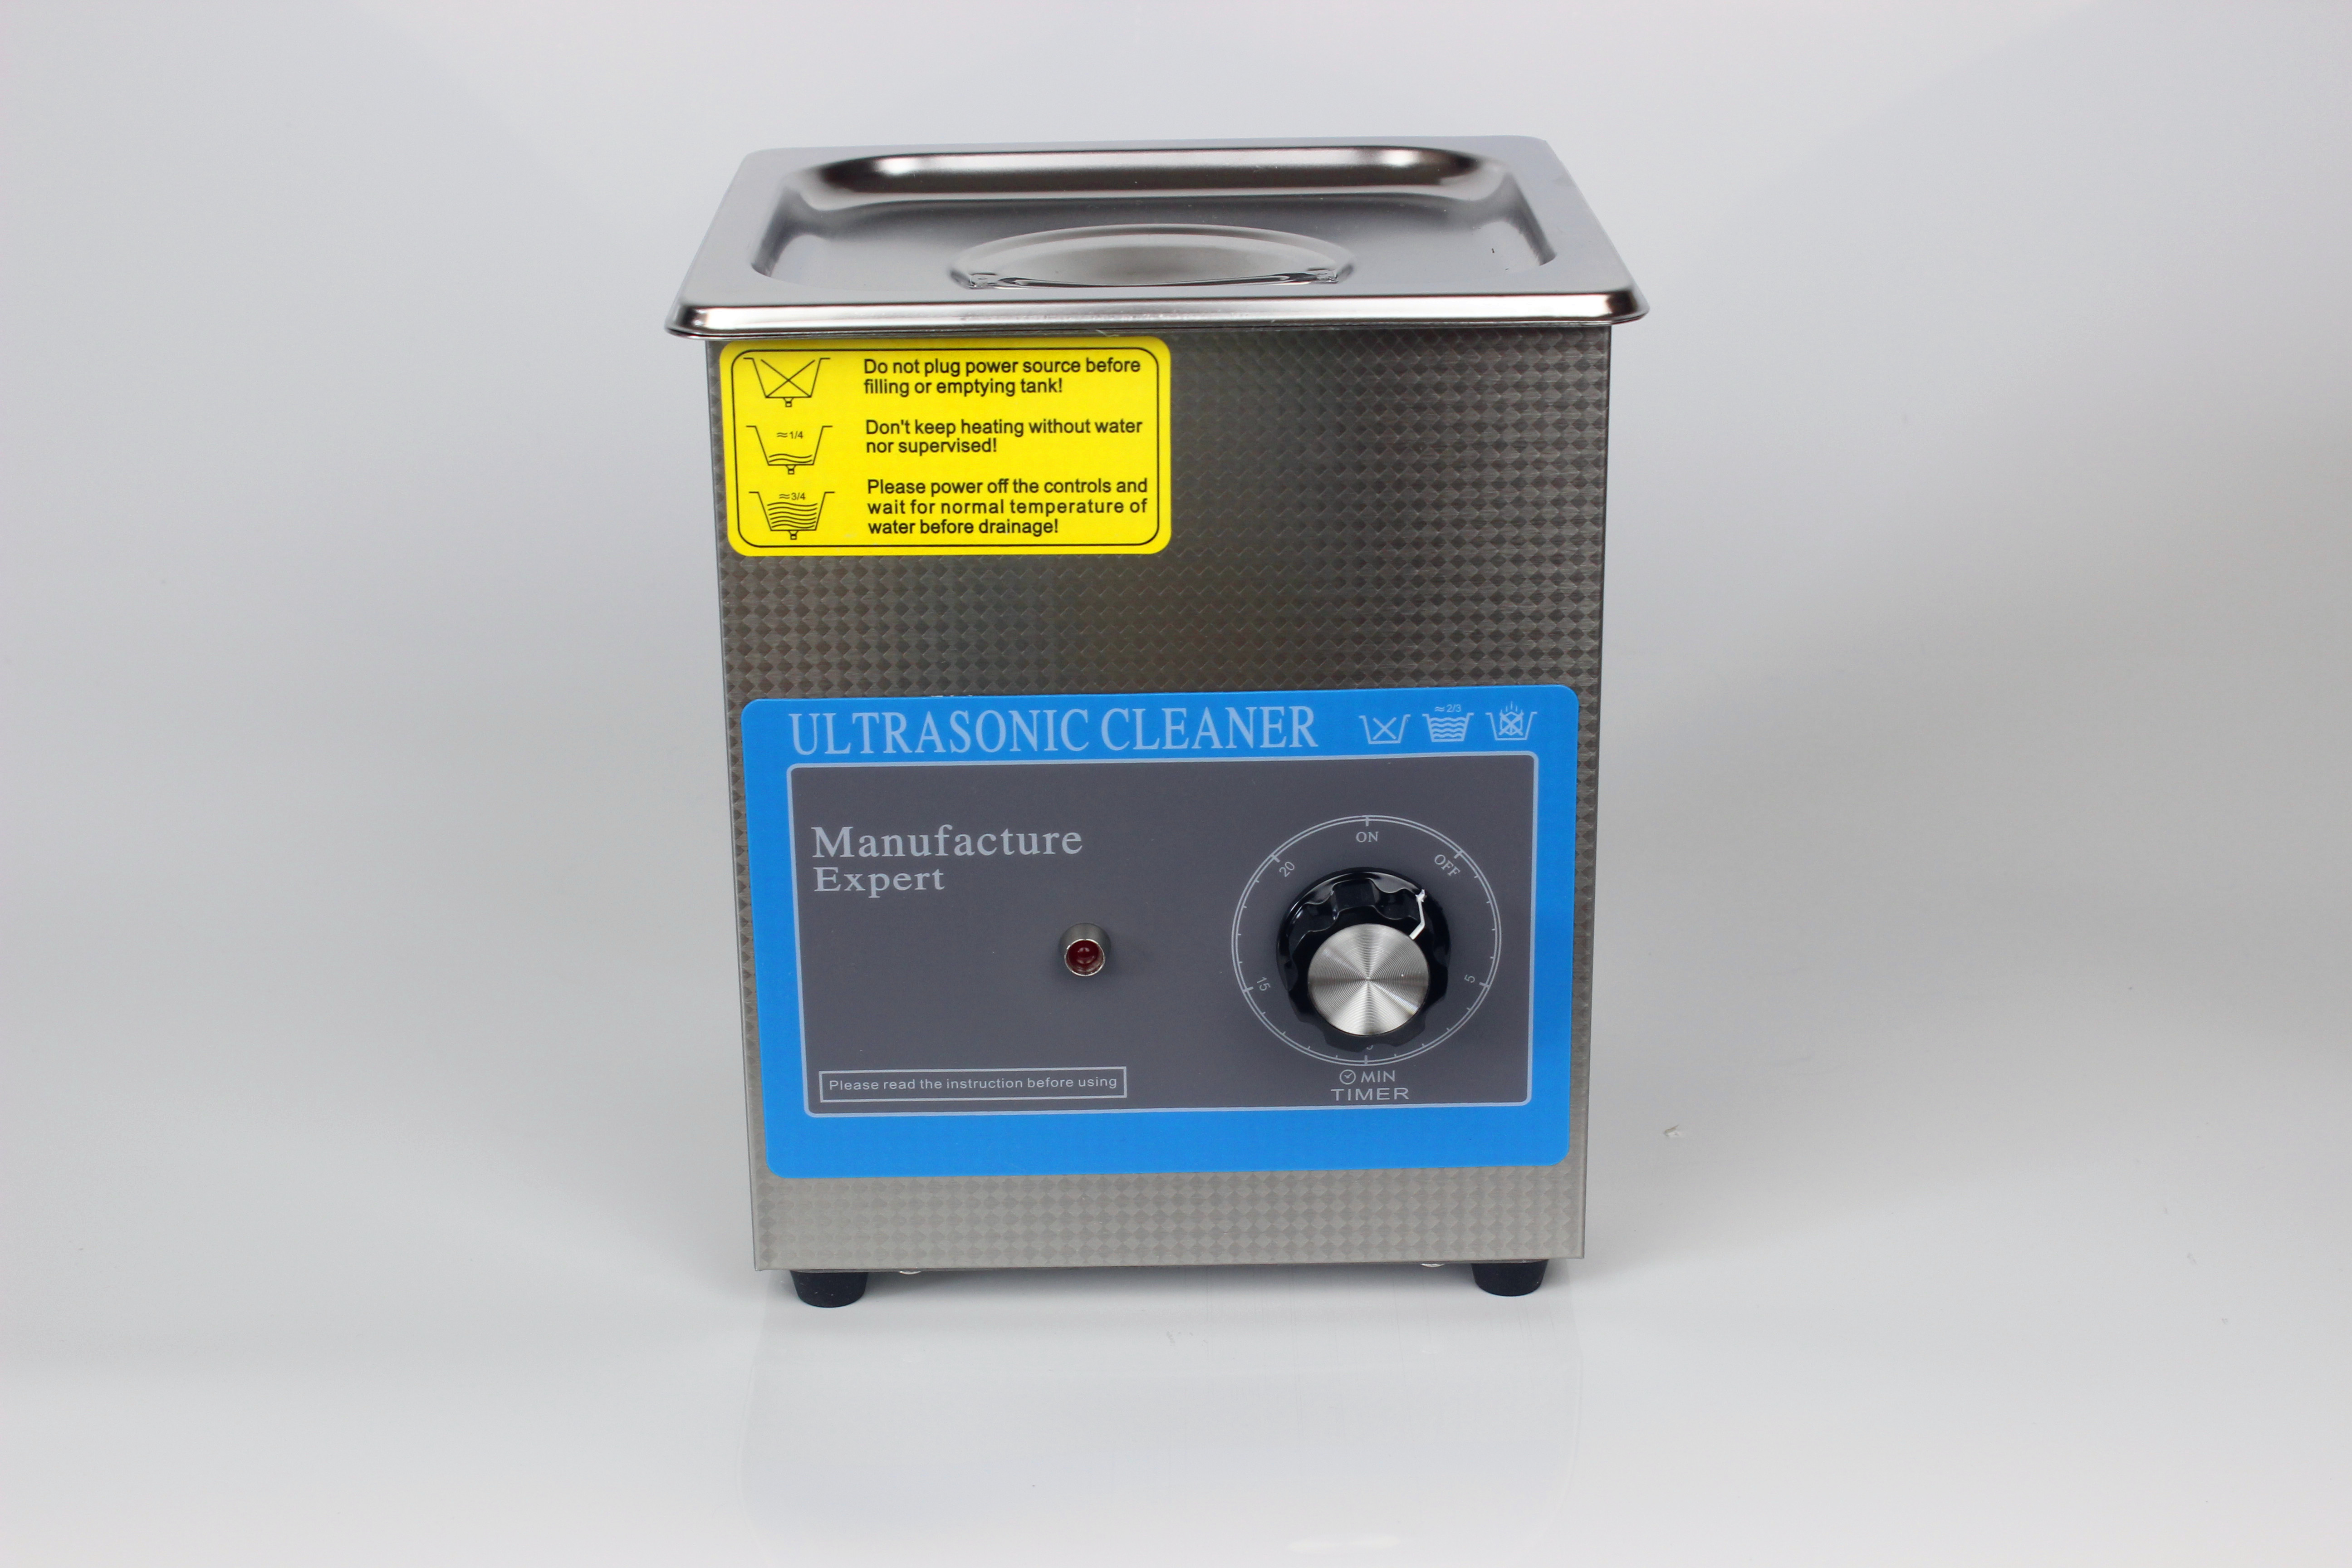 120T超声波清洗机 2L超声波清洗机工厂直销 2L超声波清洗机价格 2L超声波清洗机